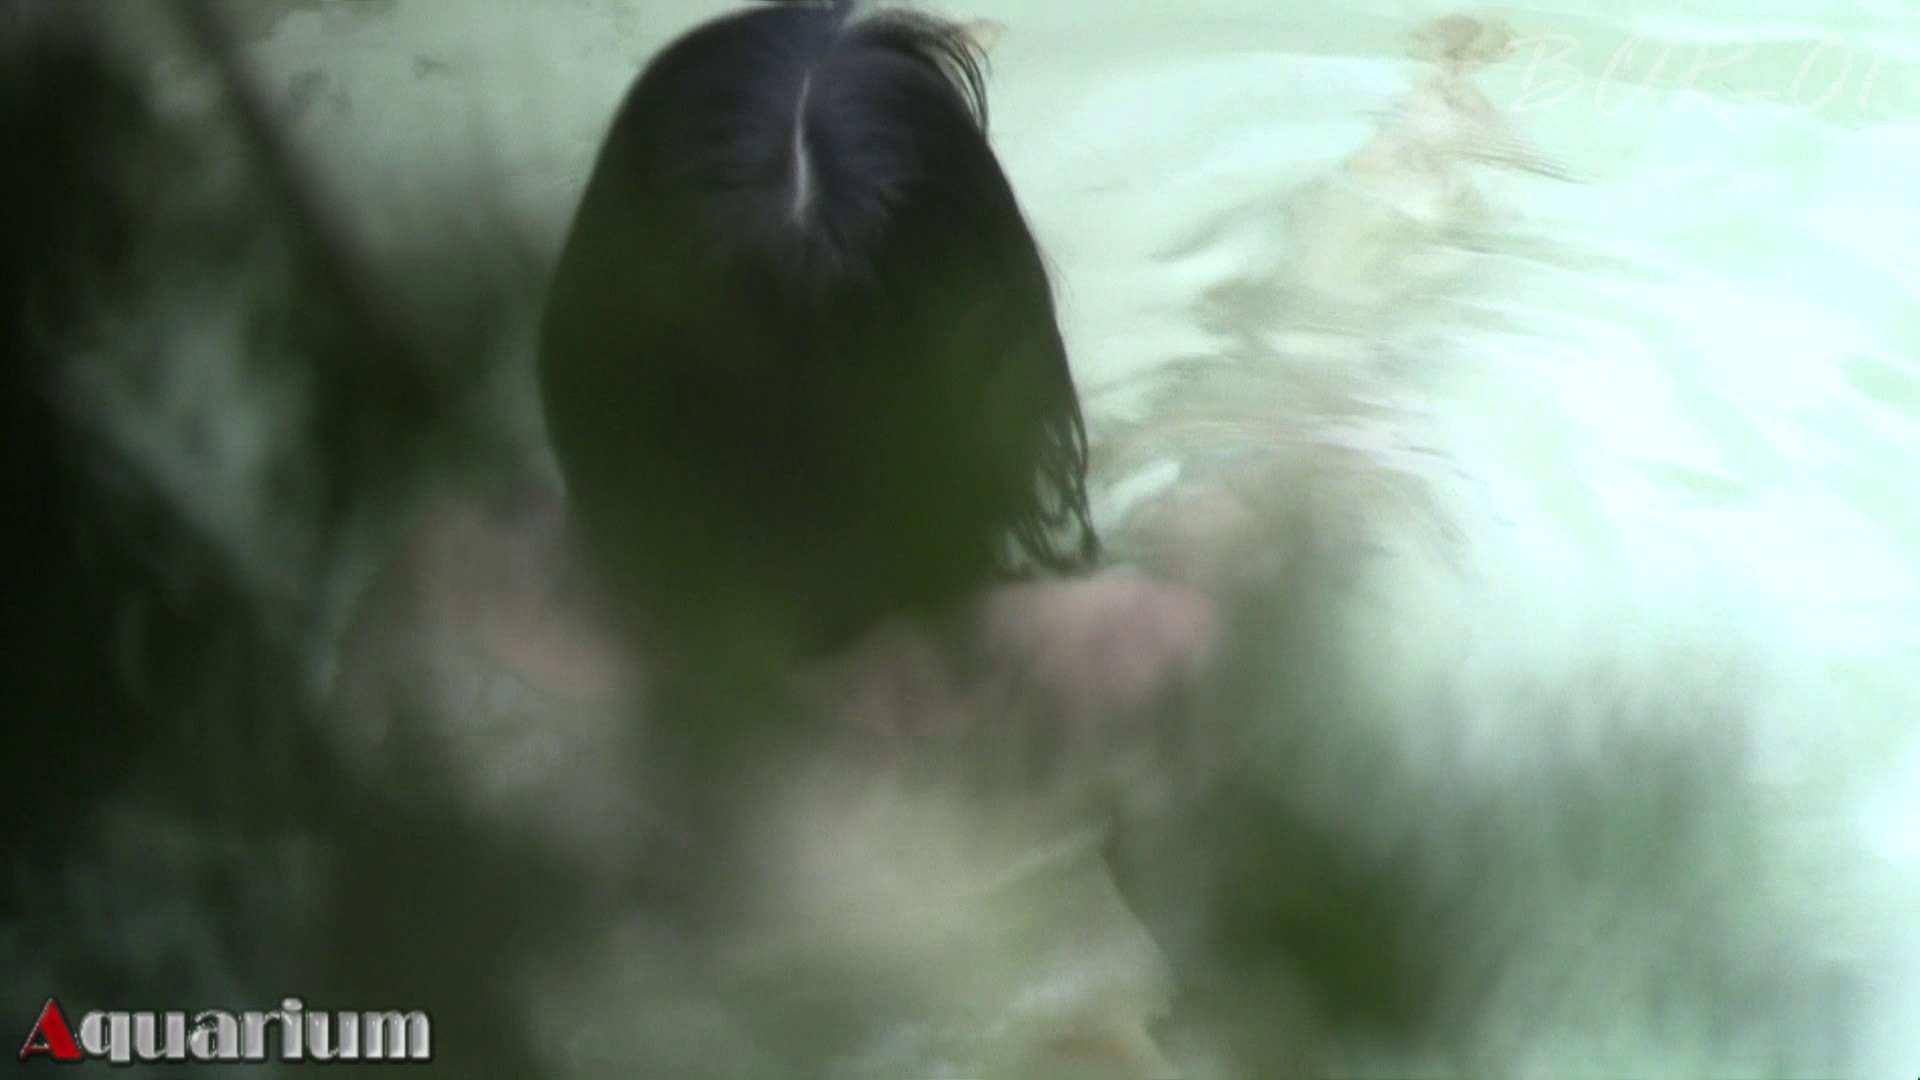 Aquaな露天風呂Vol.466 OLエロ画像  93PICs 3